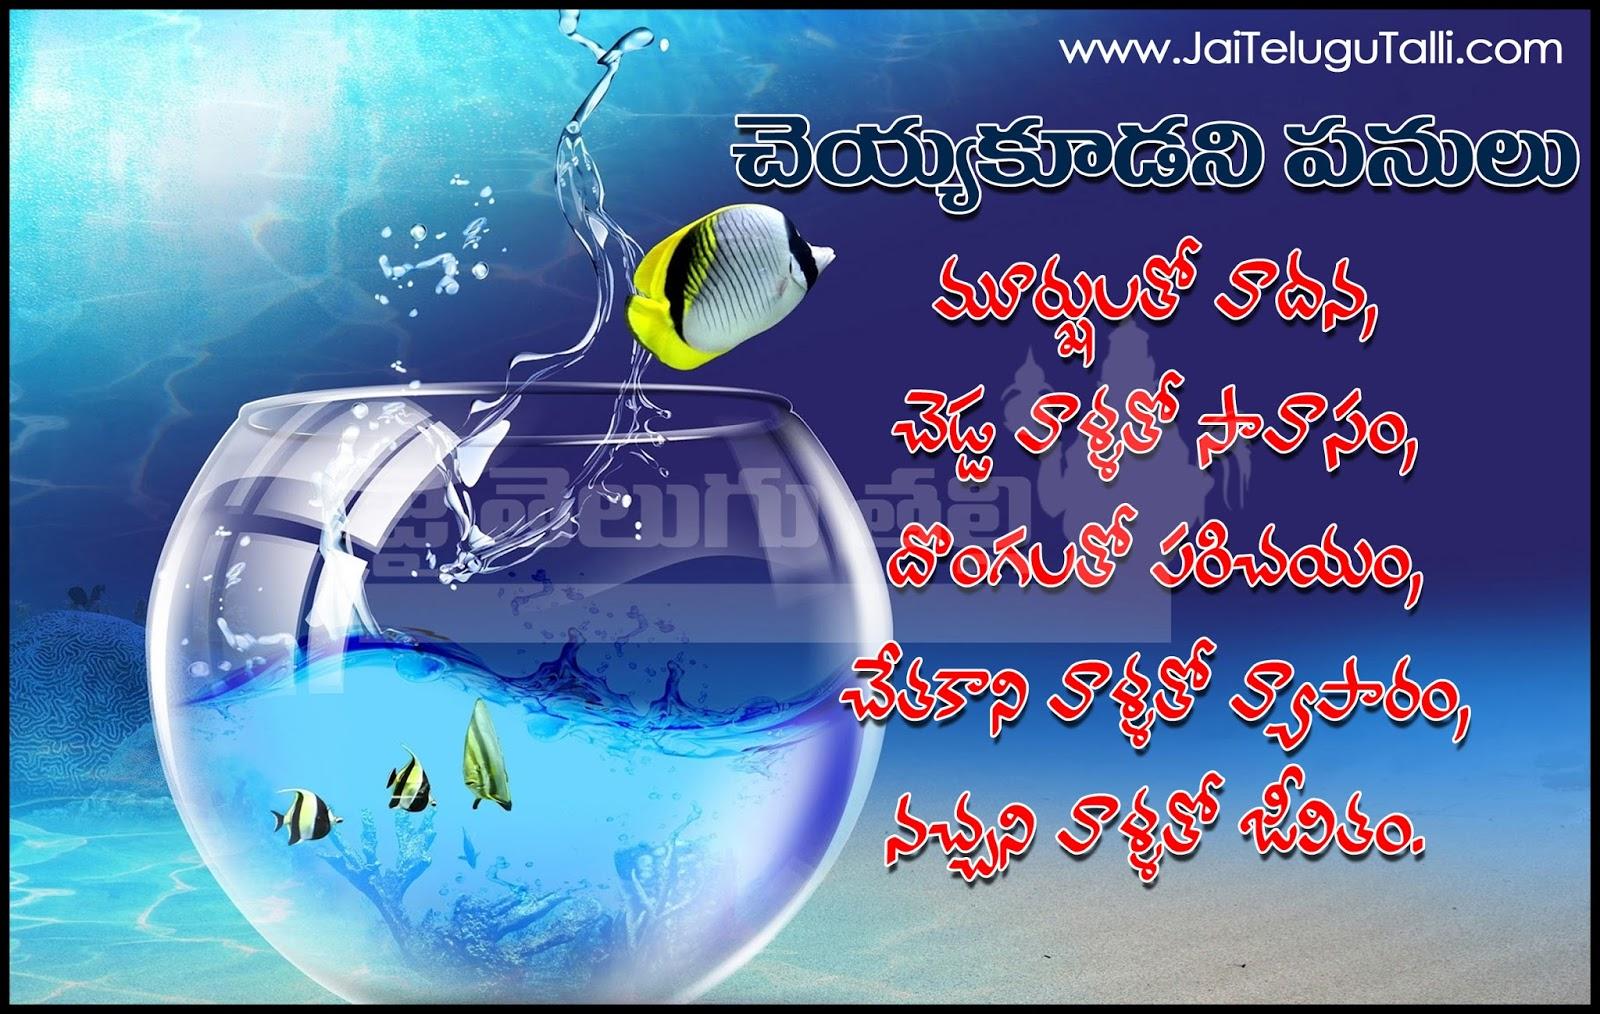 Beautiful Life Quotes And Hd Pictures In Telugu Www Jaitelugutalli Com